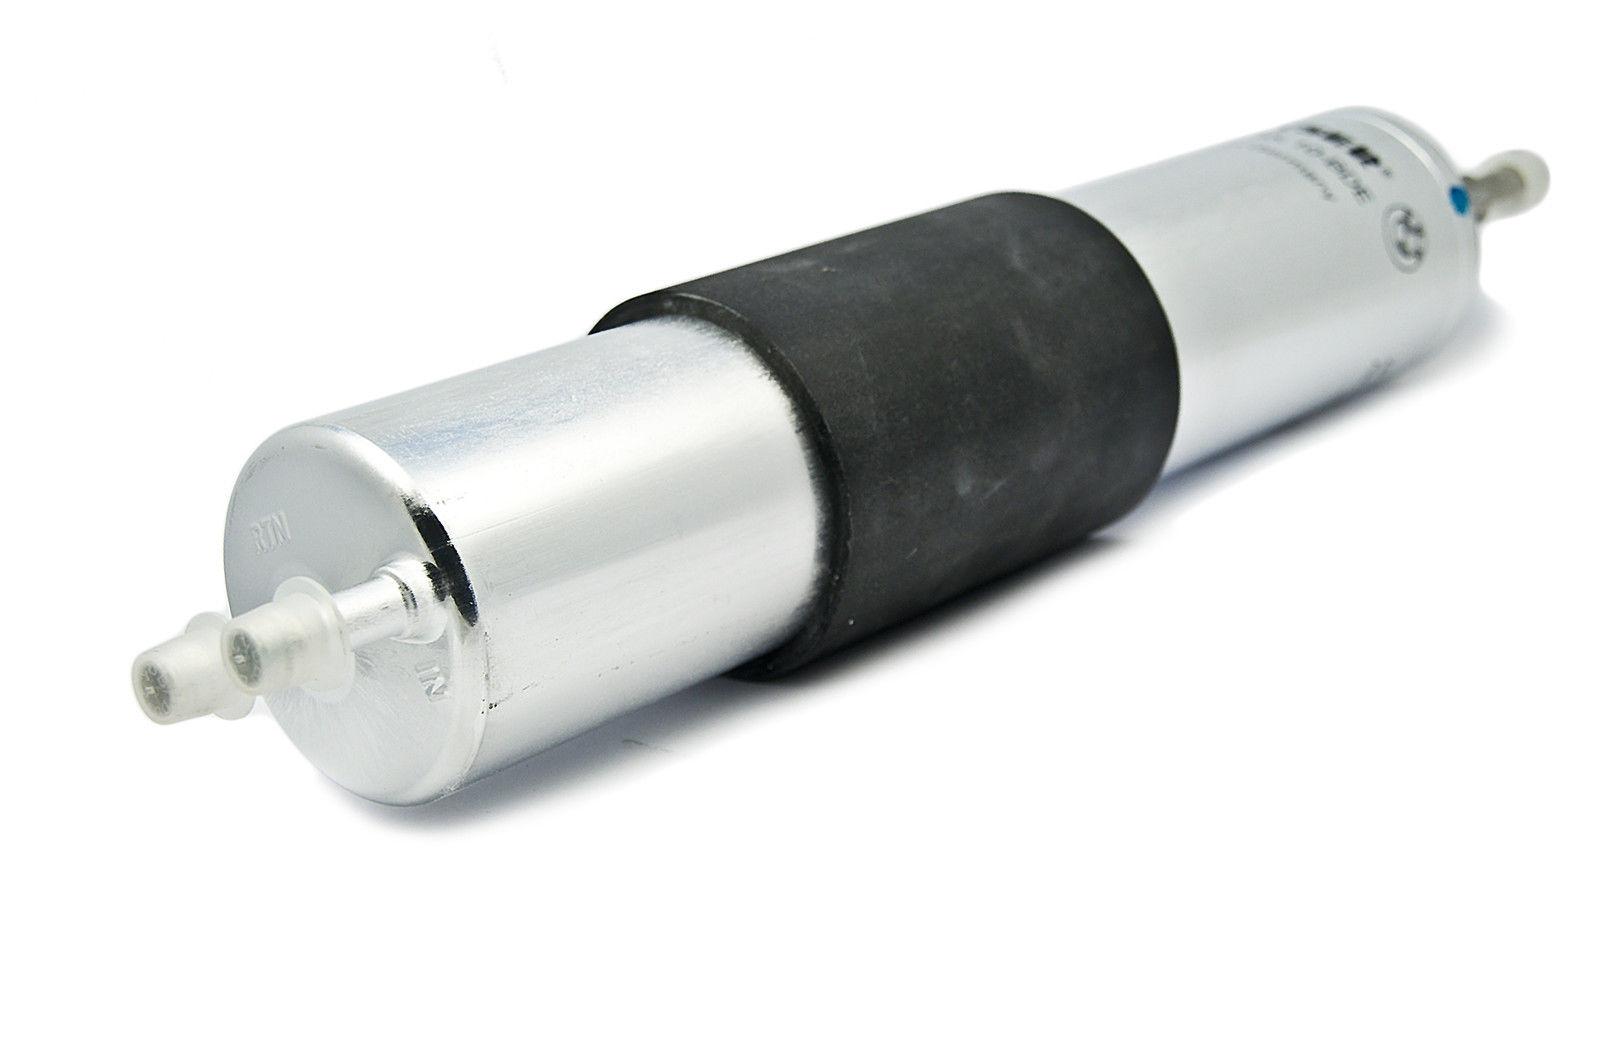 BMW GENUINE e46 z3 Fuel Filter with Pressure Regulator 318i/320i/325i/330 ETC